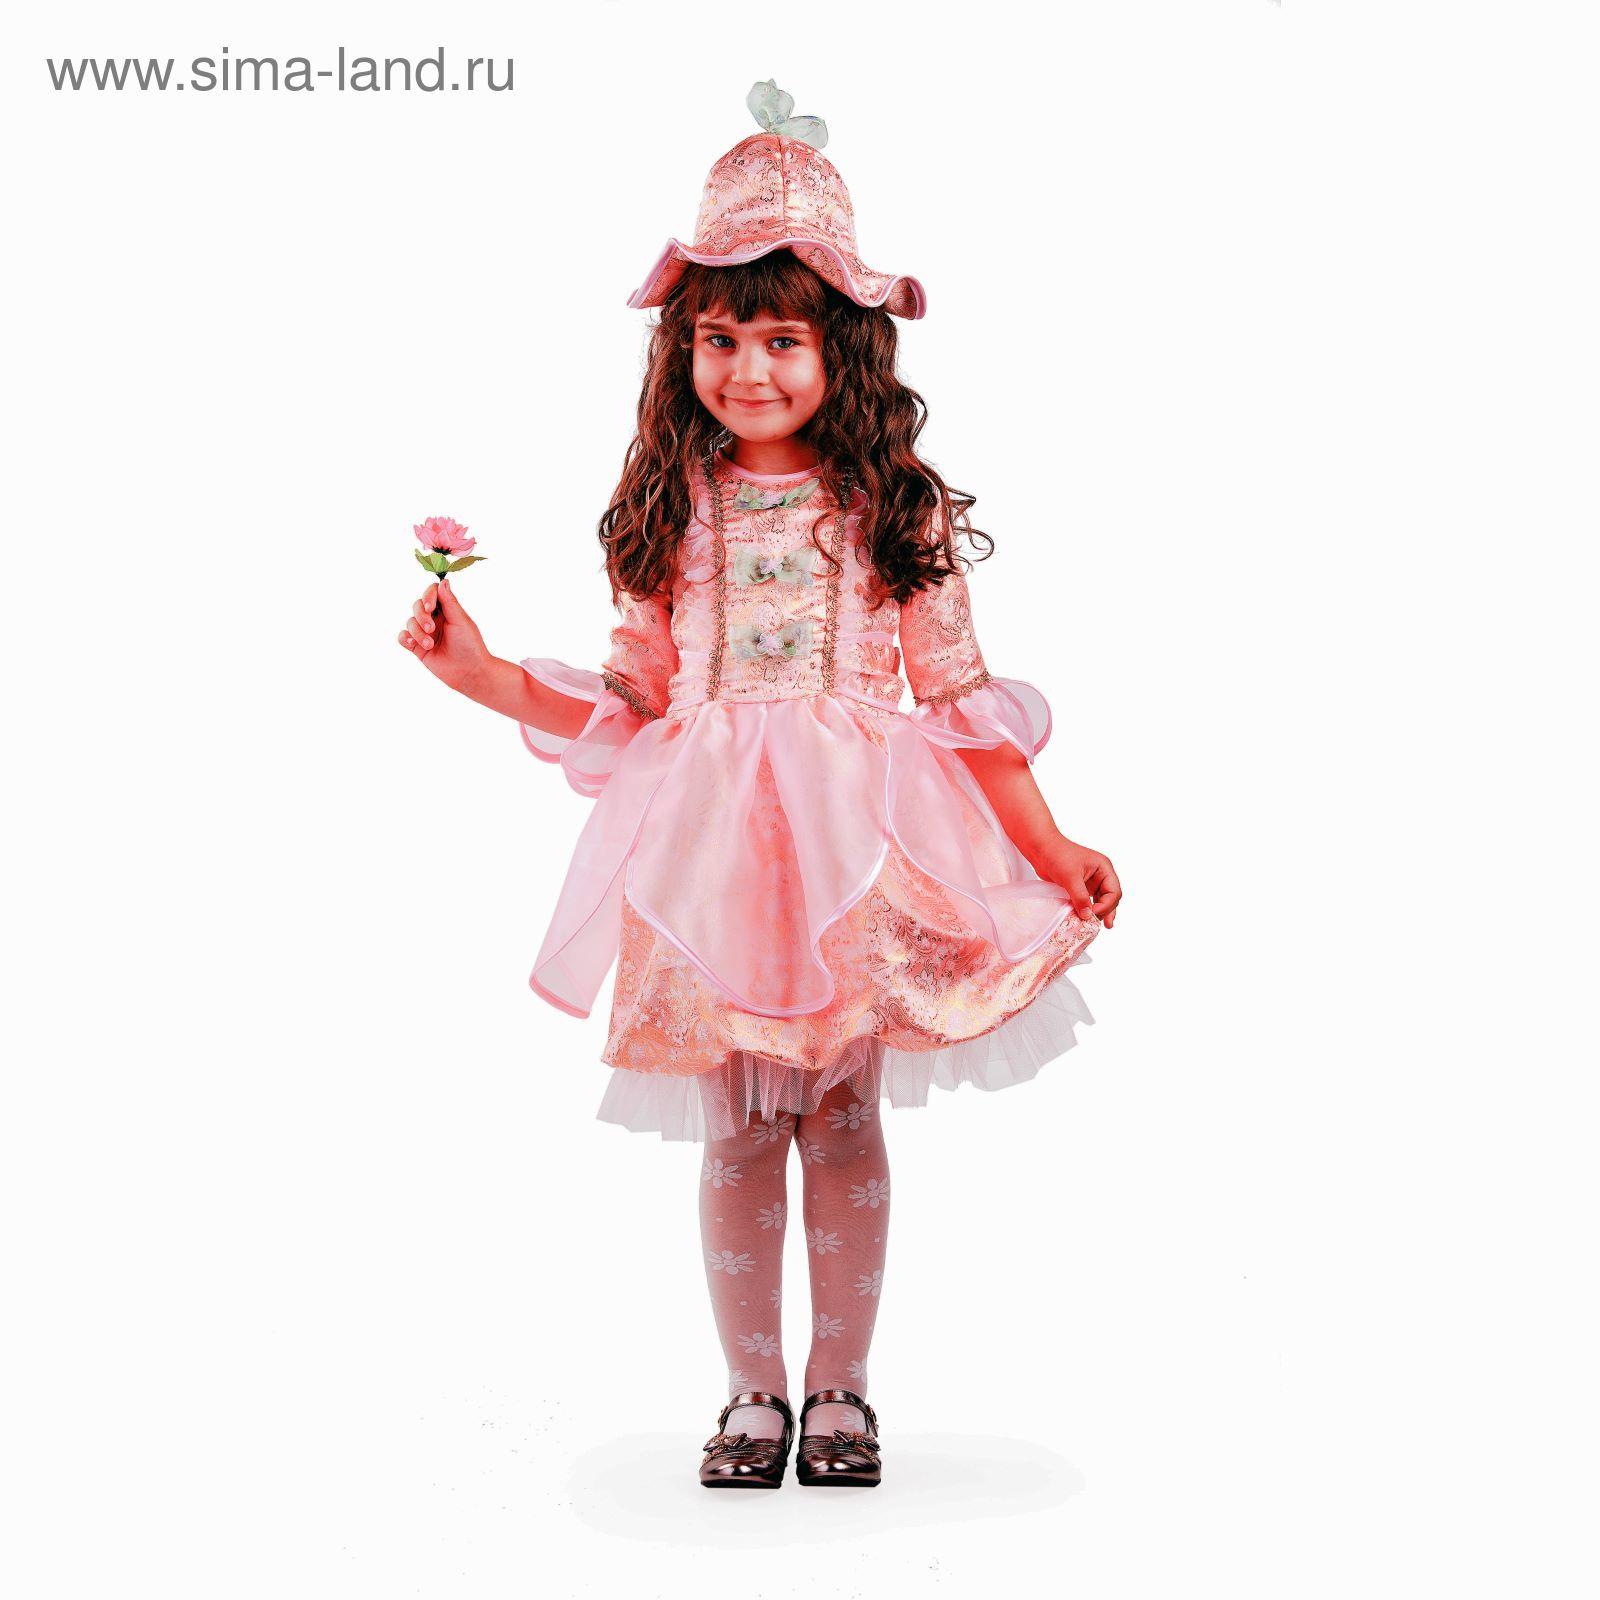 2892bedb650 Карнавальный костюм «Дюймовочка»